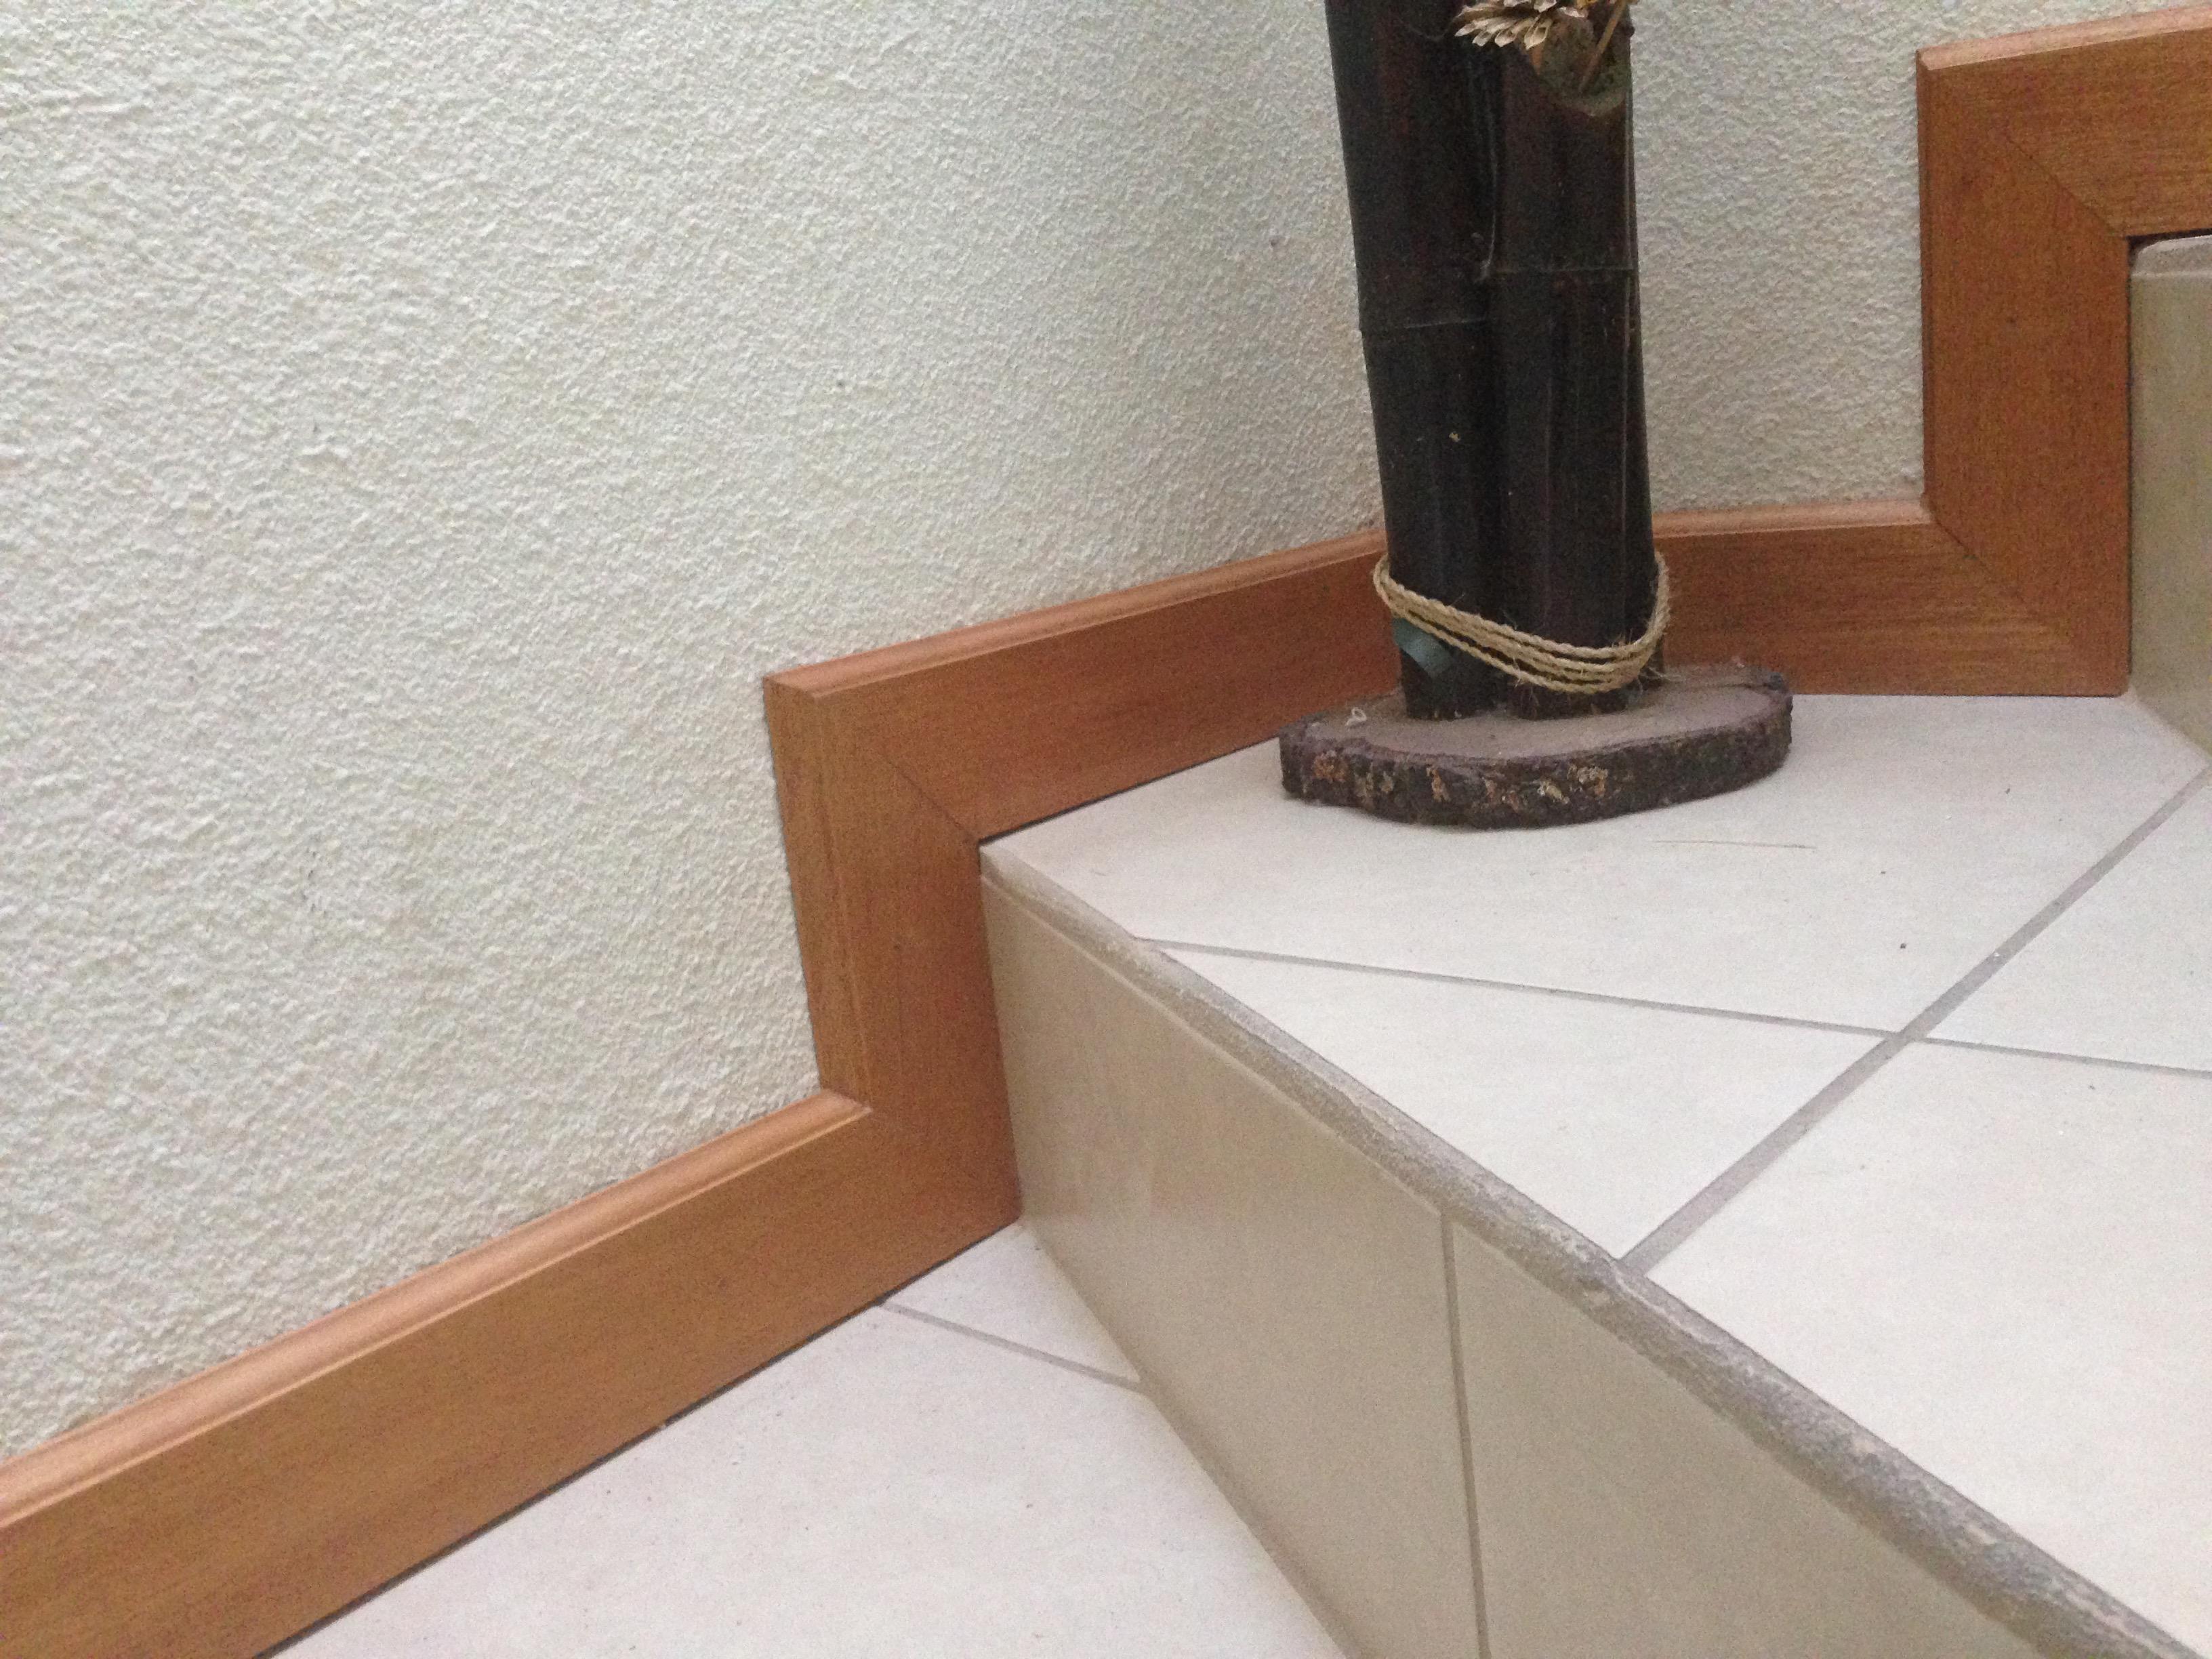 Zocalo Caoba 9 cms